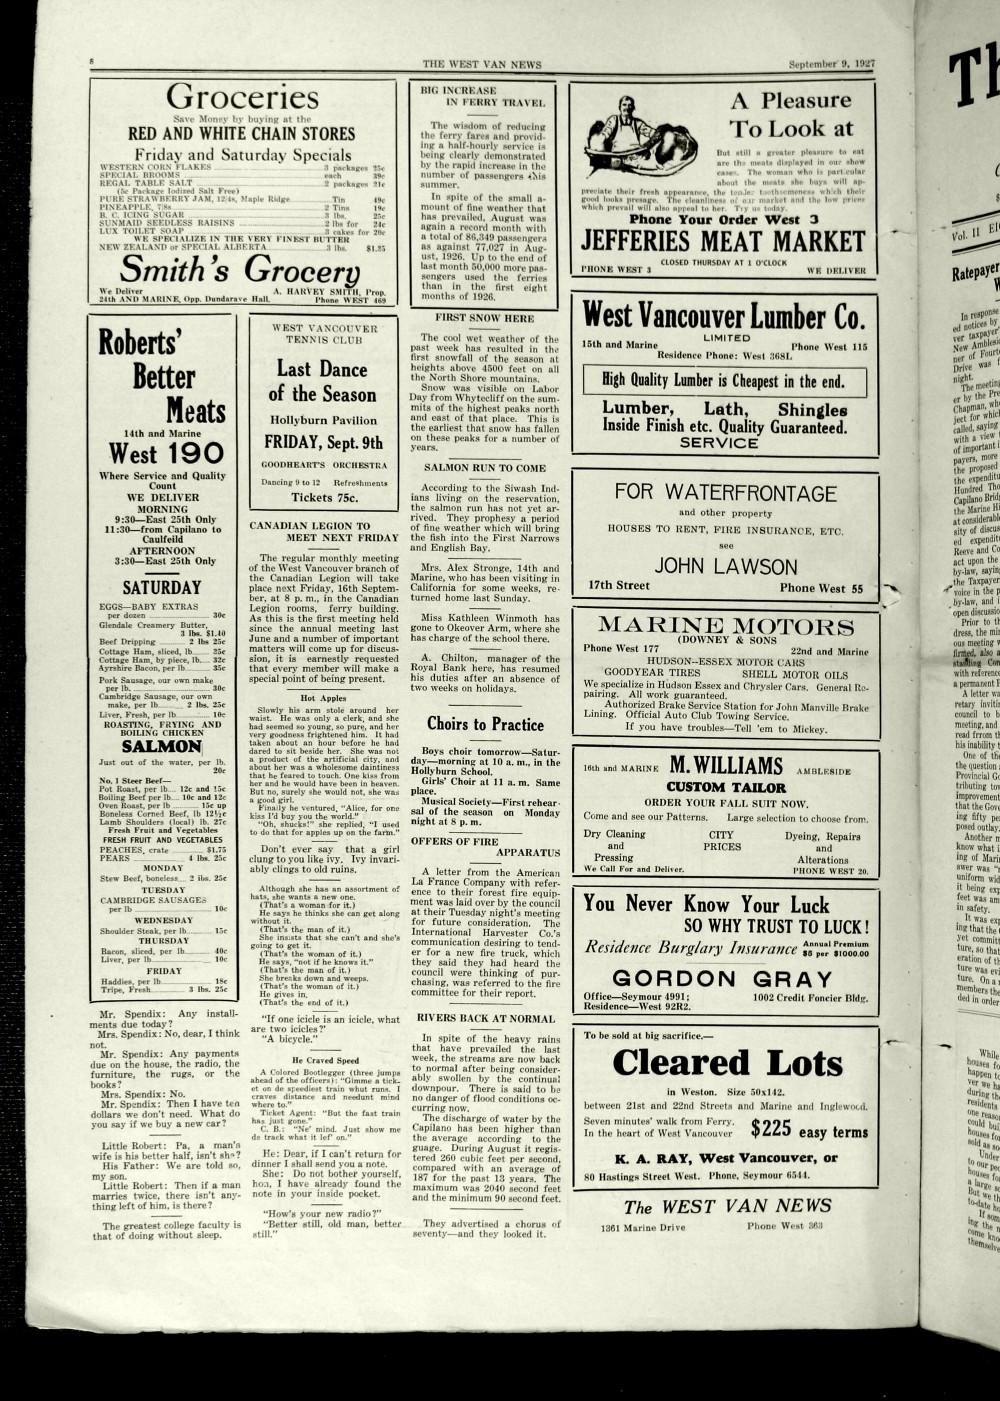 West Van. News (West Vancouver), 9 Sep 1927